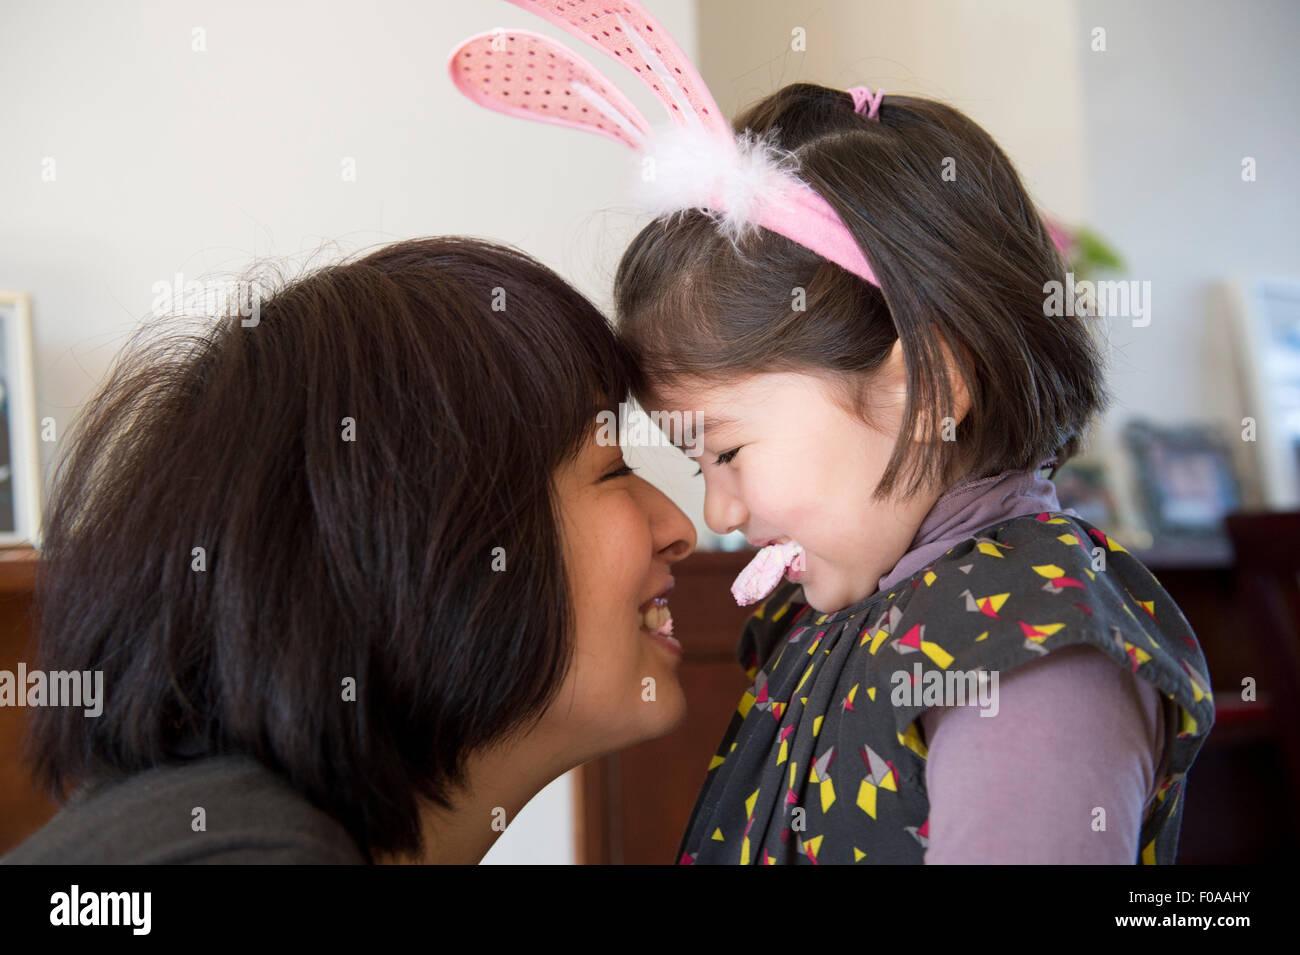 Madre e hija, cara a cara, hija vistiendo orejas de conejo y sosteniendo en su boca dulce Imagen De Stock